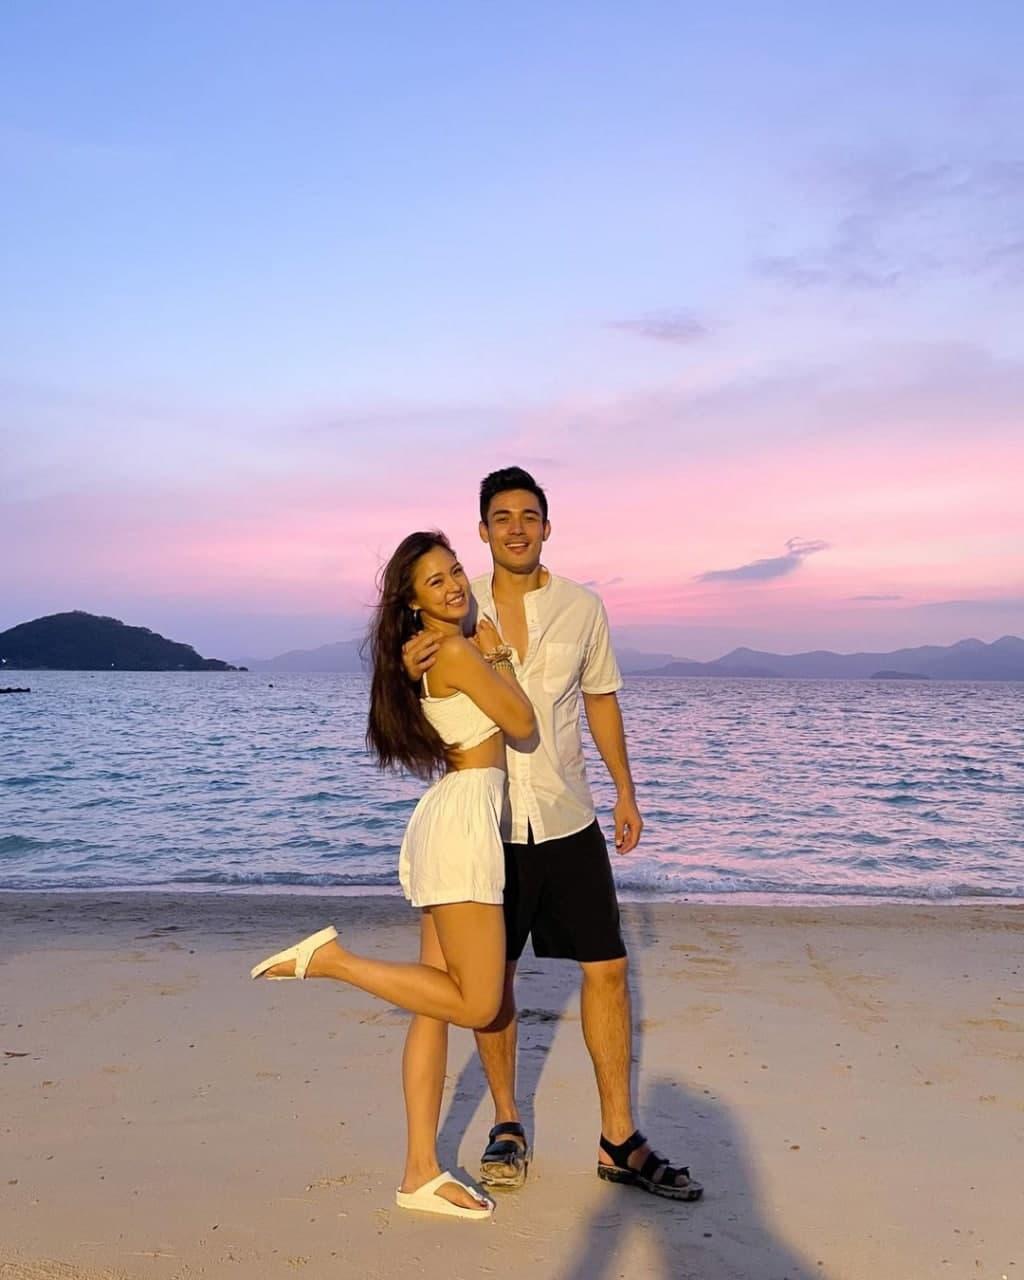 Kim Chiu and Xian Lim posing for the sunset